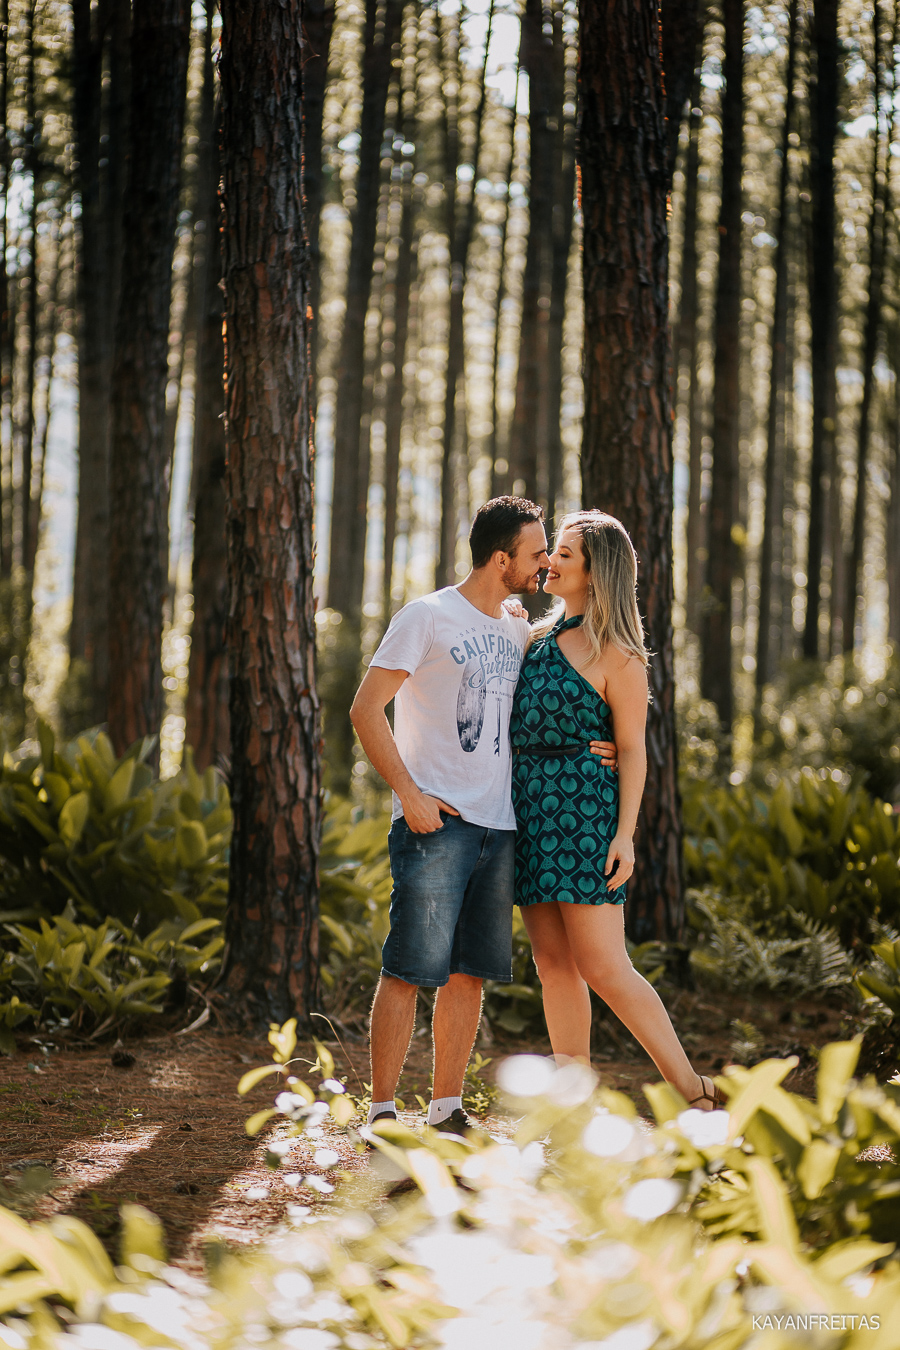 sessao-casal-floripa-0001 Sessão Casal em Florianópolis - Chaiany e Saimon